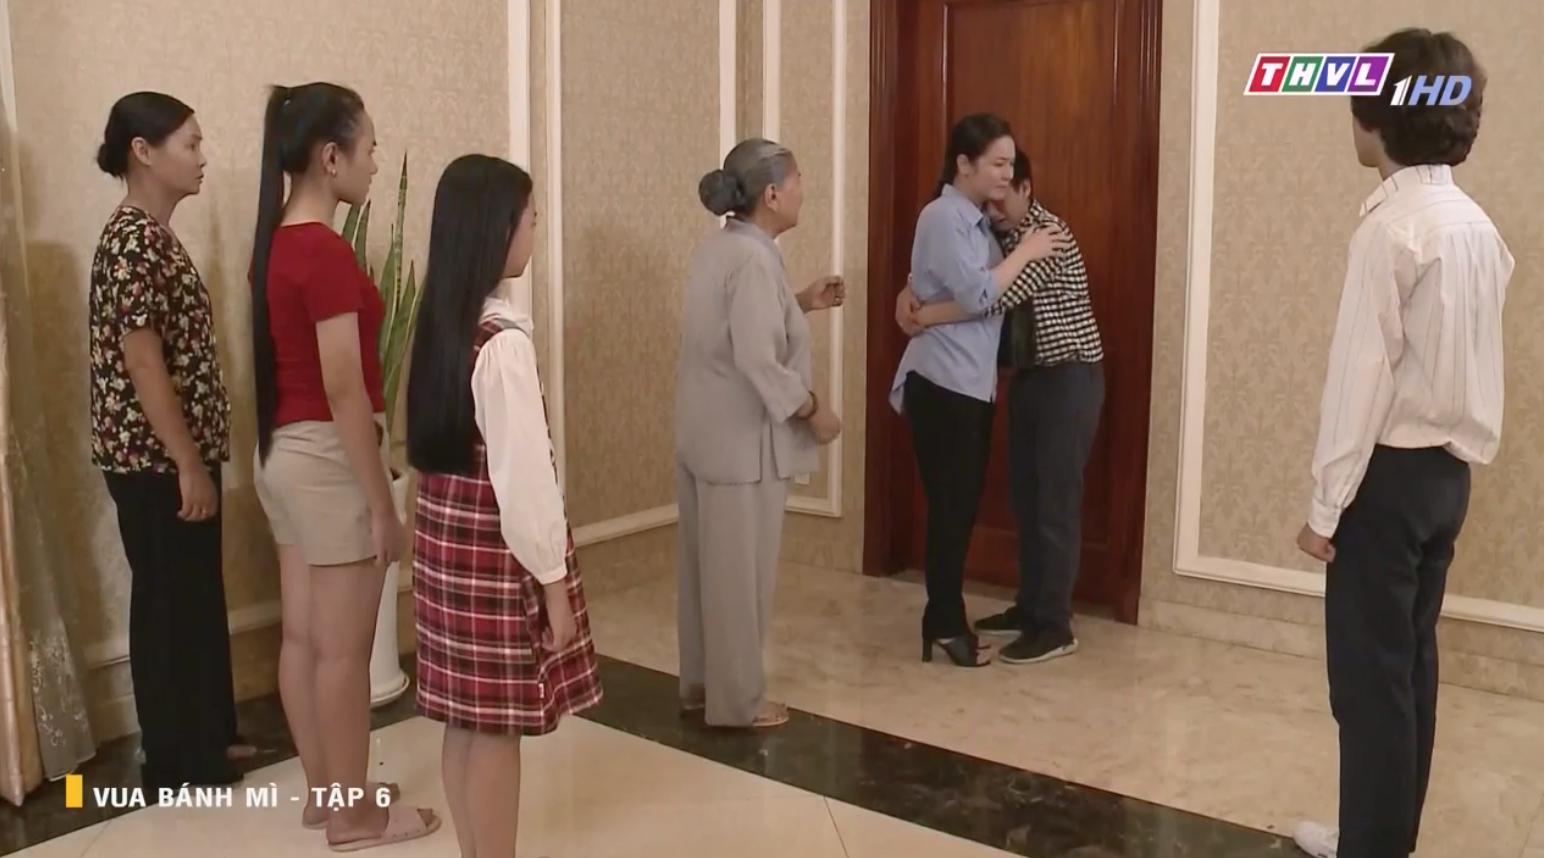 Bị dọa sương sương đúng một lần, Nhật Kim Anh đã nguyện giao con cho nhà nội ở Vua Bánh Mì bản Việt tập 6 - Ảnh 2.